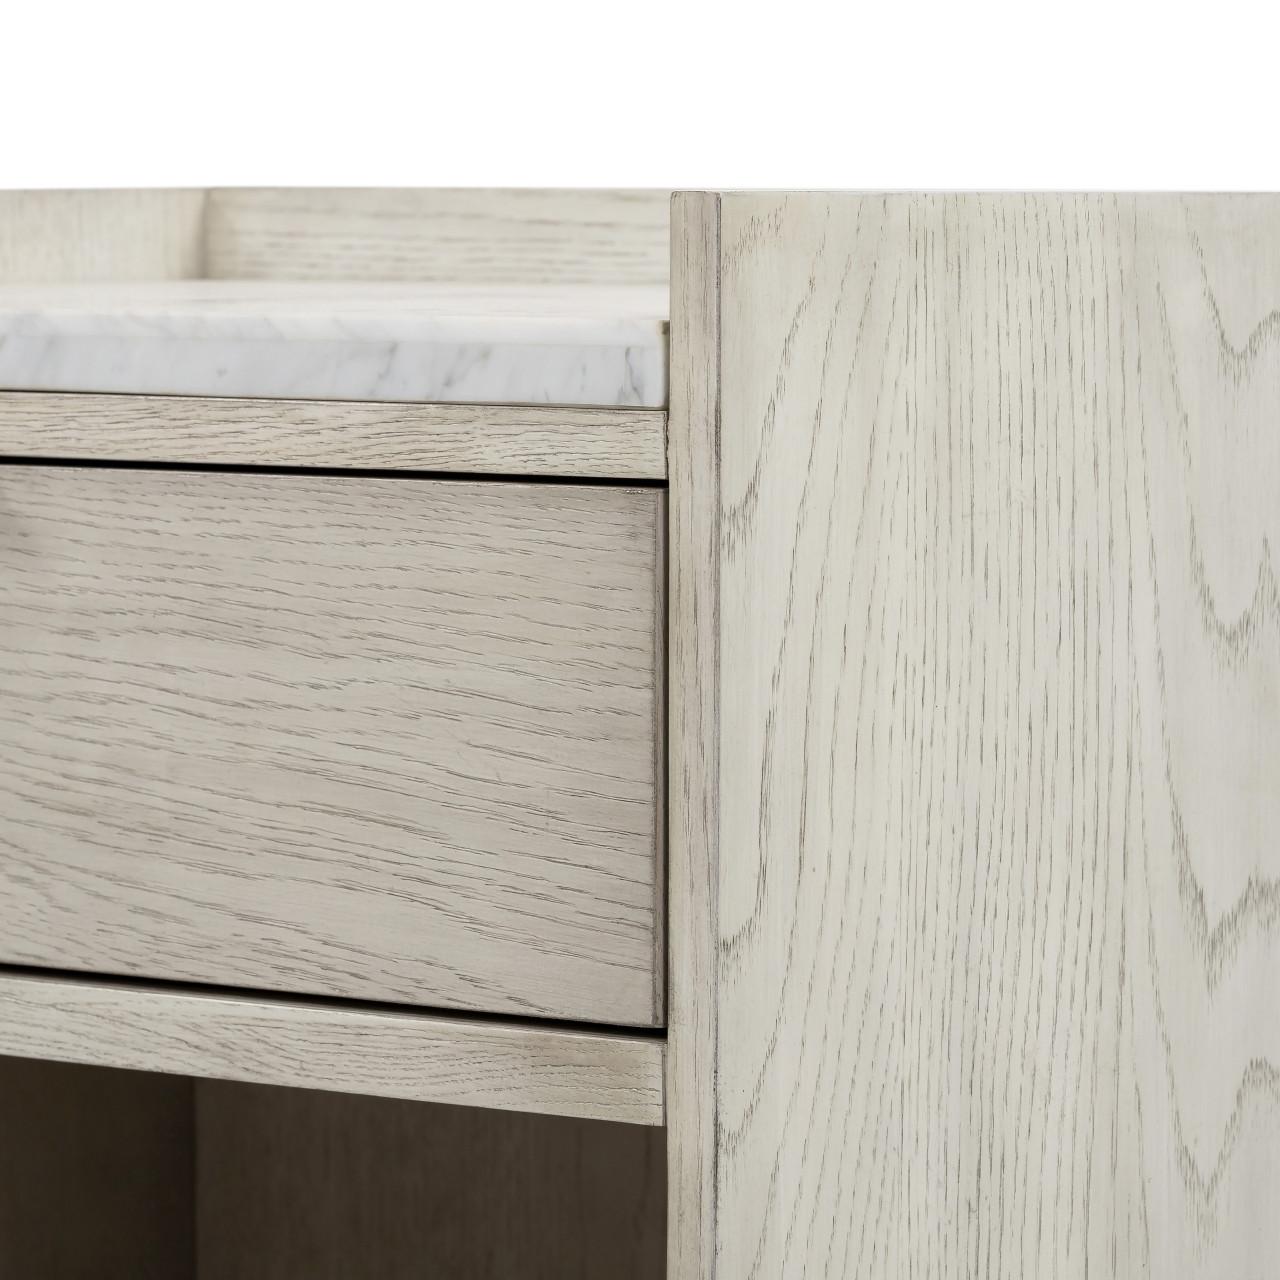 Vienna Nightstand - Vintage White Oak